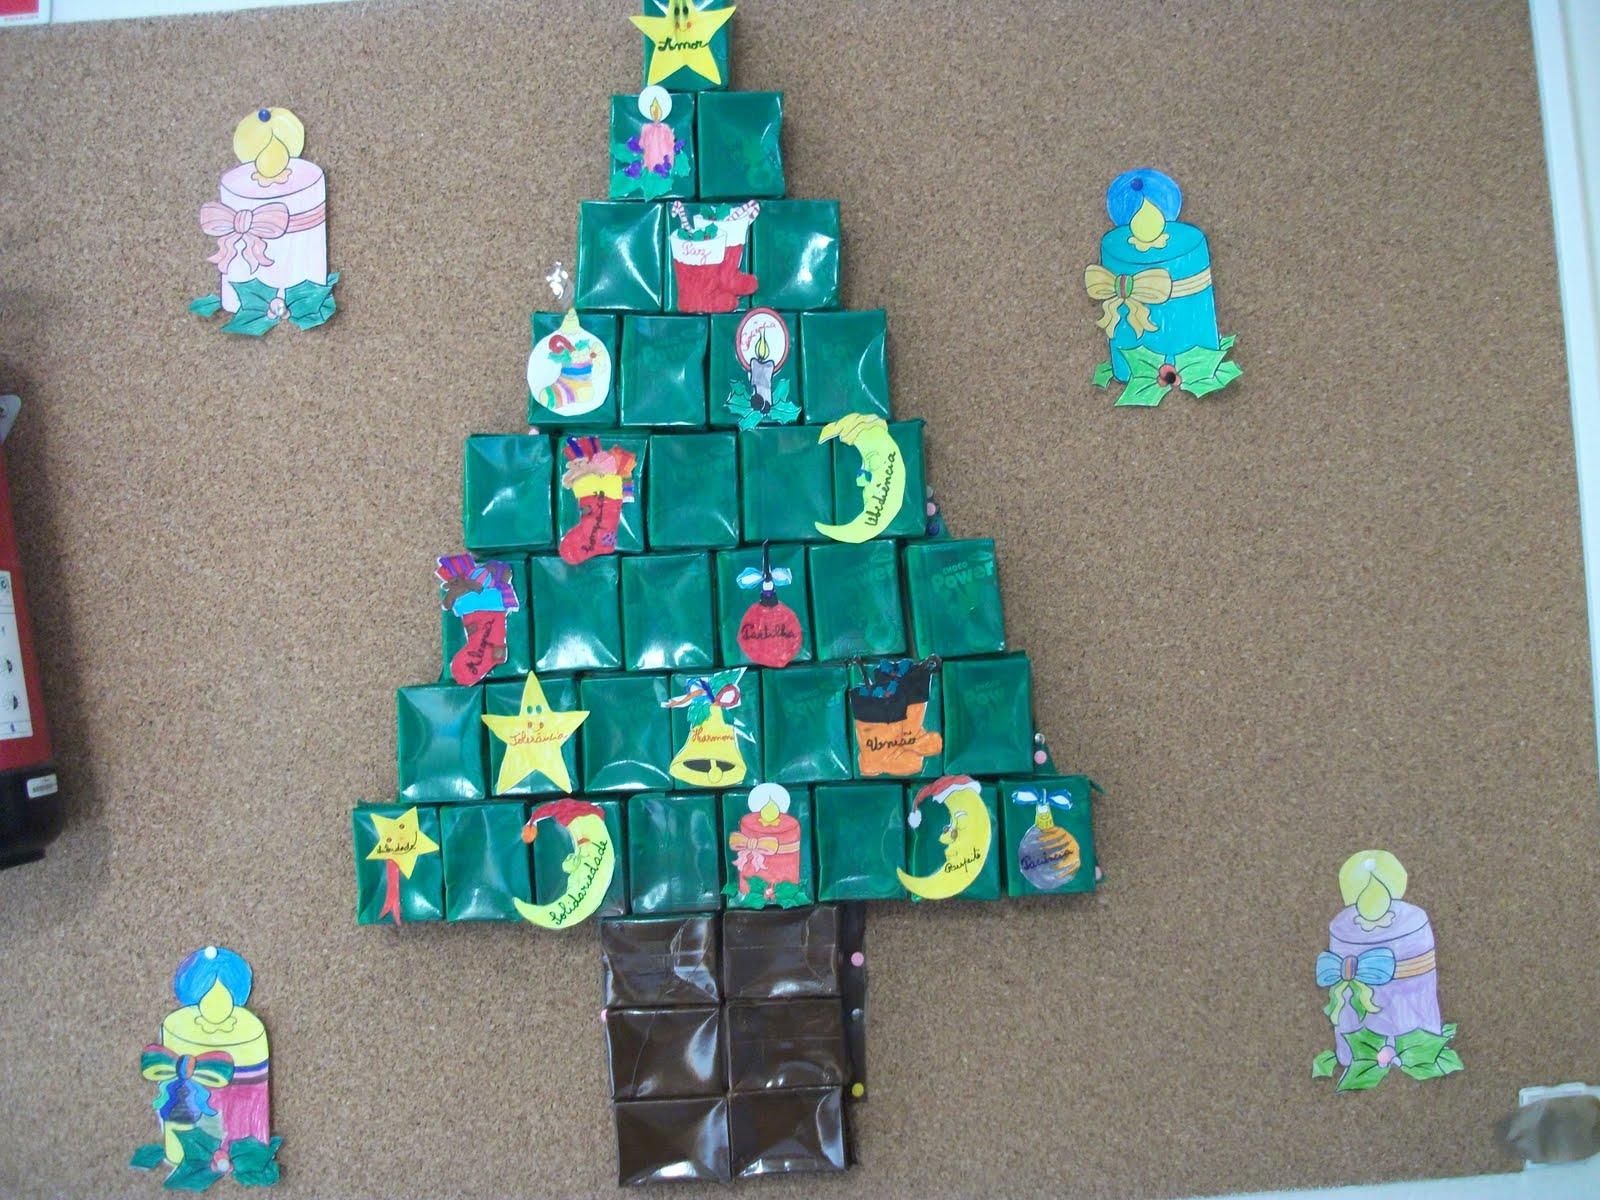 Escola Eb1ji Avenida Riba De Ave Decorações De Natal Na Escola